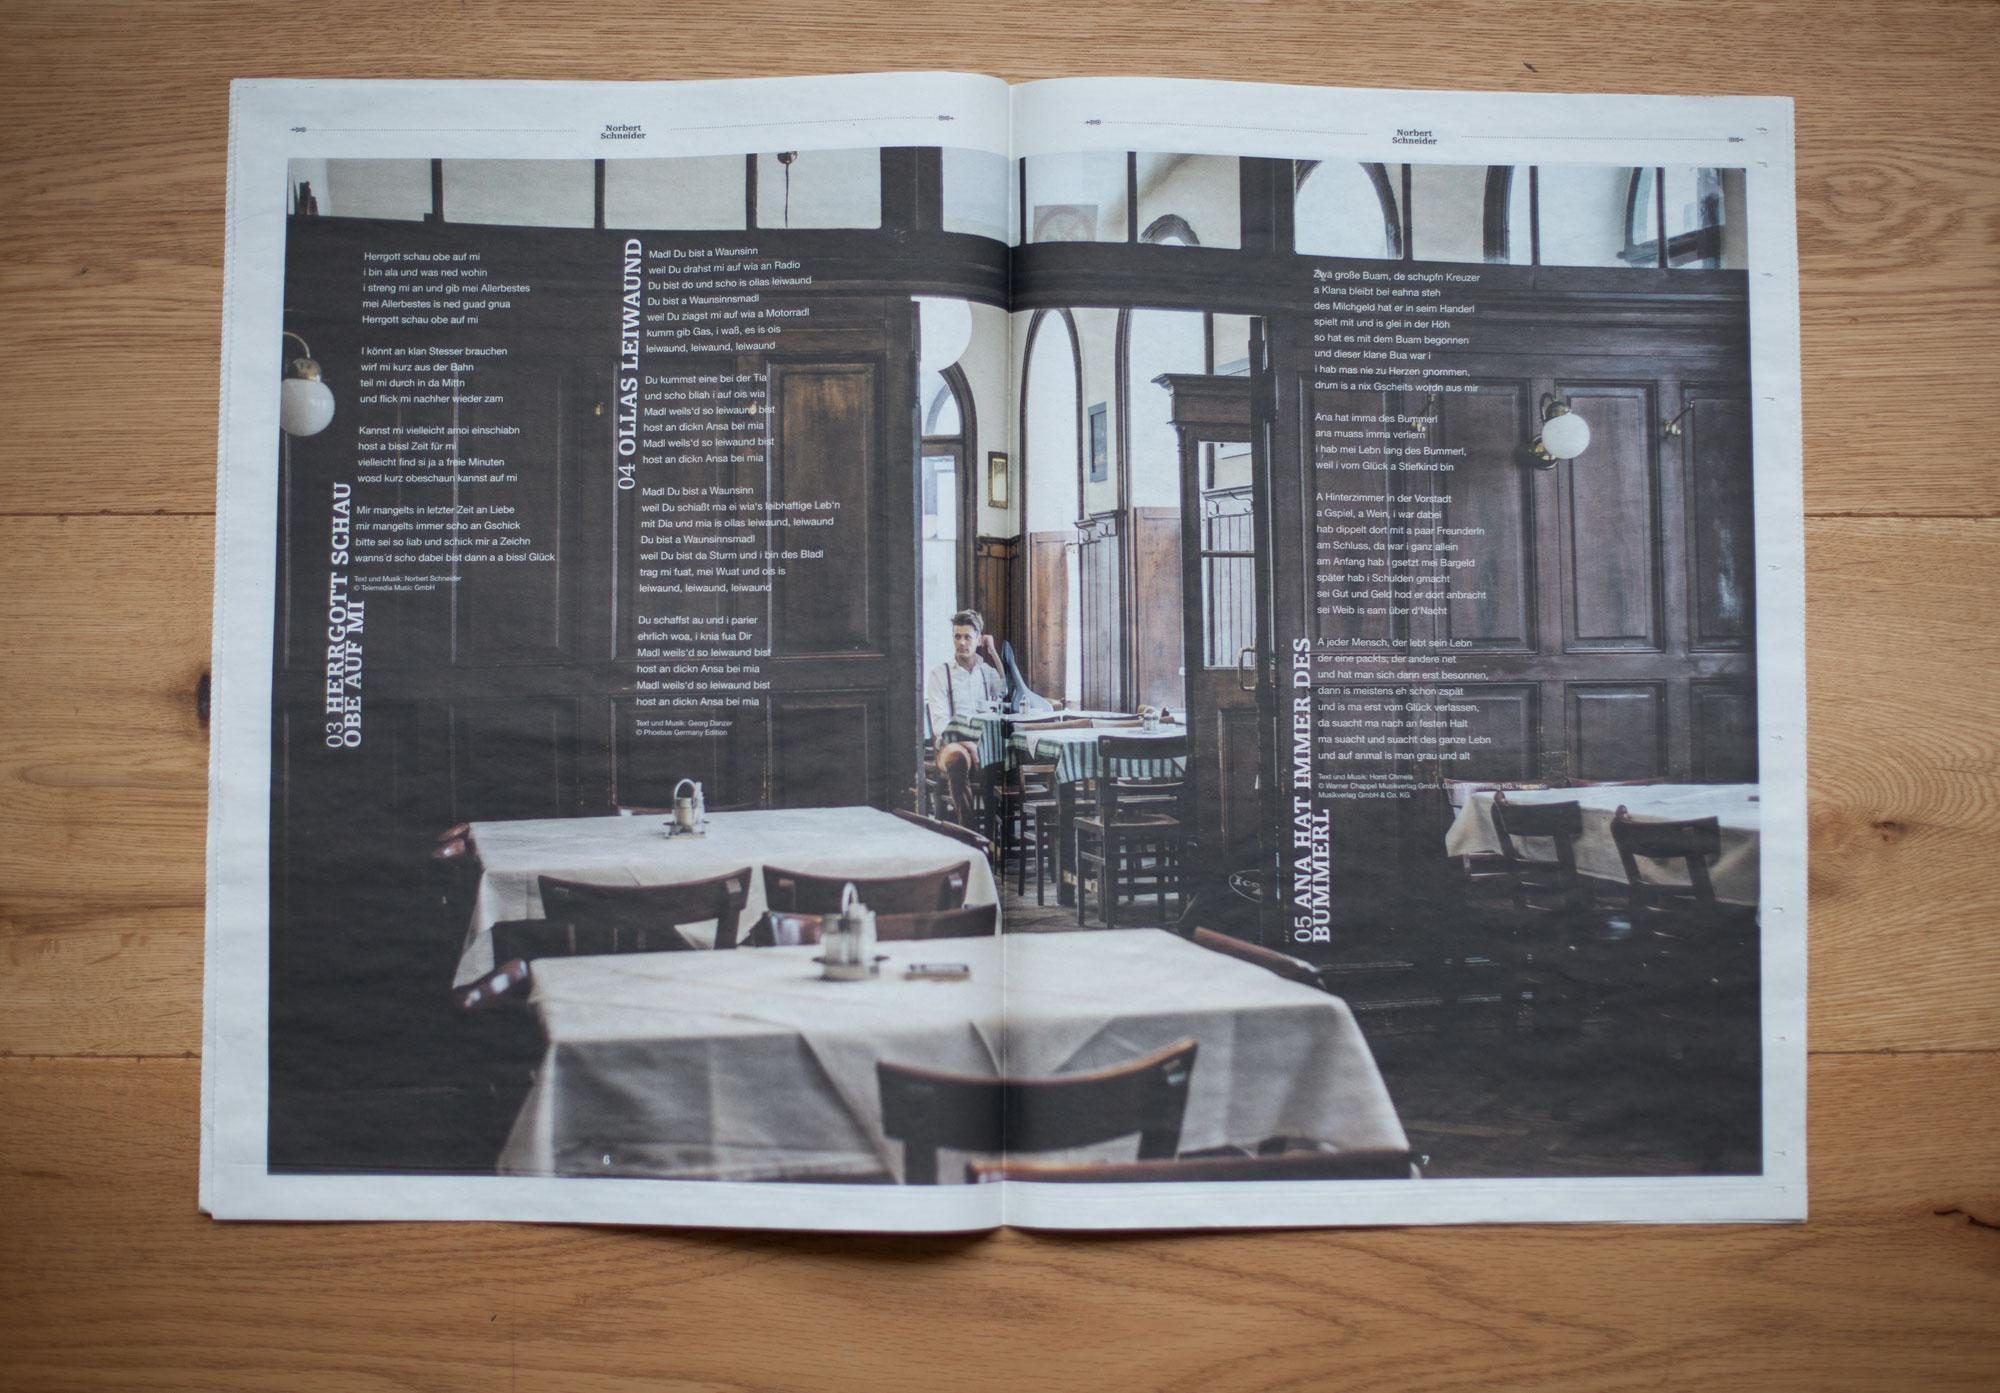 75a Büro für Gestaltung aus Stuttgart entwirft das CD-Booklet des Wiener Musikers in Form einer Zeitung